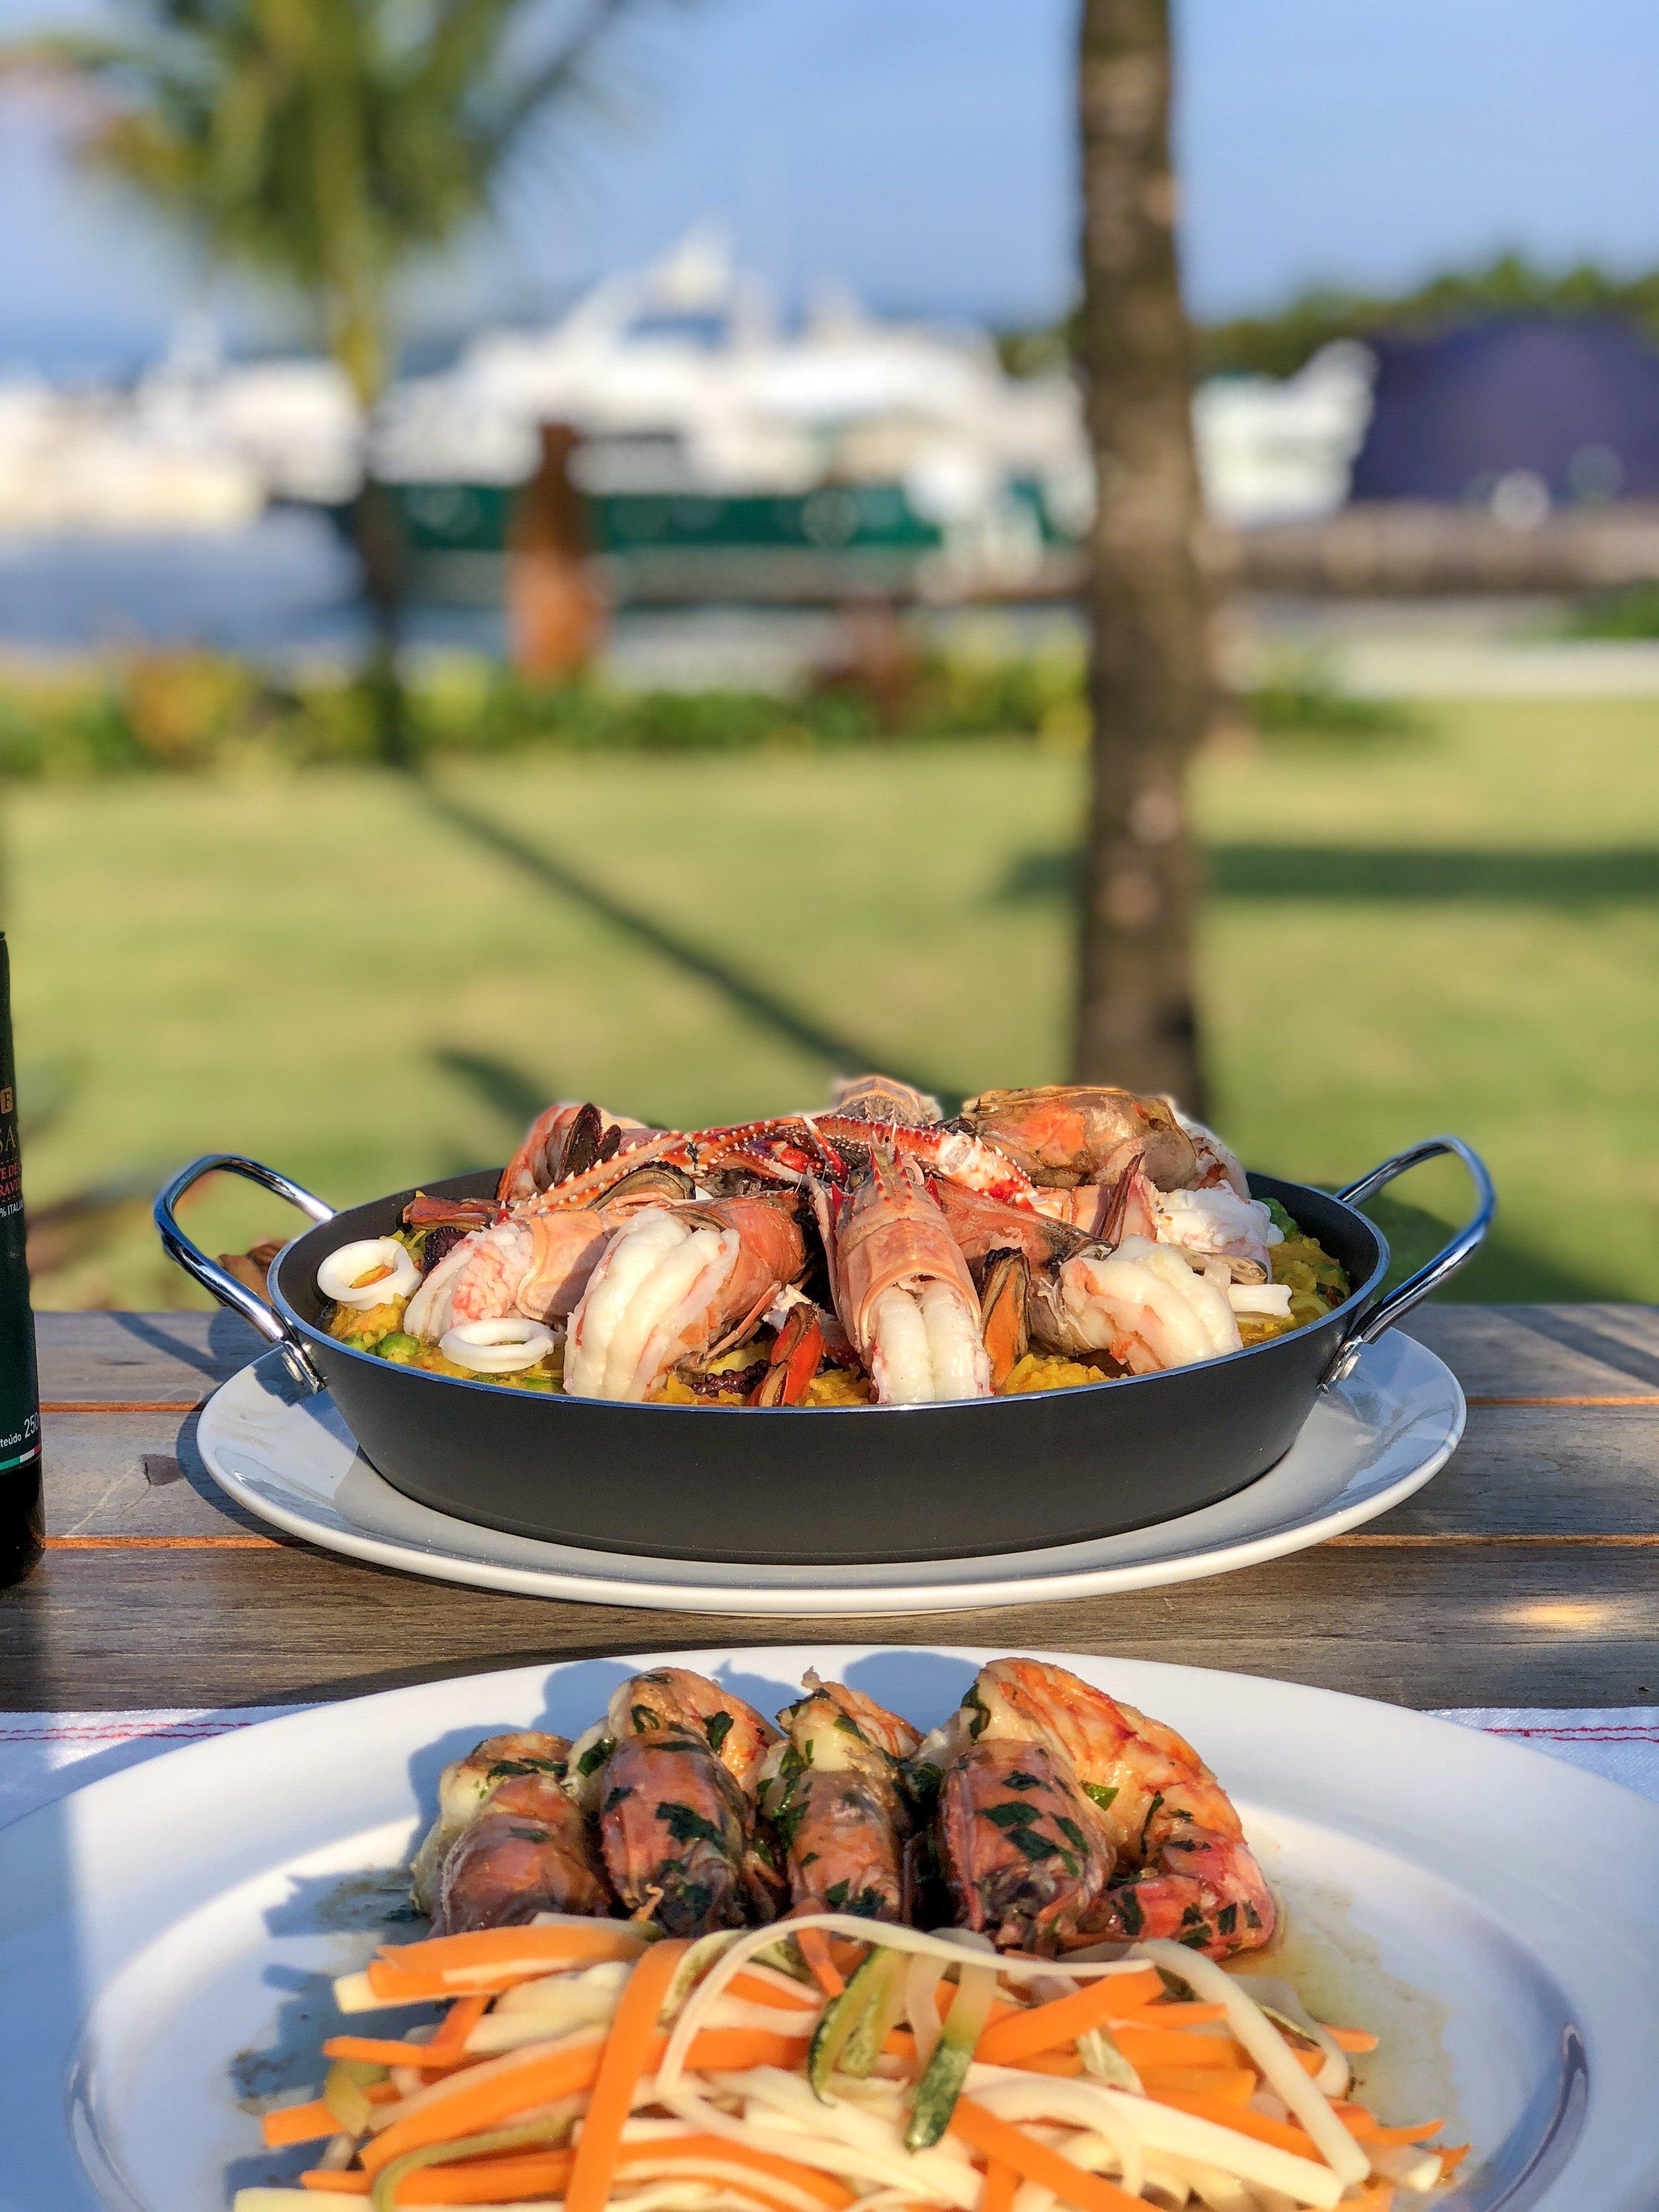 O Fasano Angra dos Reis tem dois restaurantes. O restaurante Praia e o Crudo: o primeiro com menu italiano e o segundo especializado em frutos do mar.